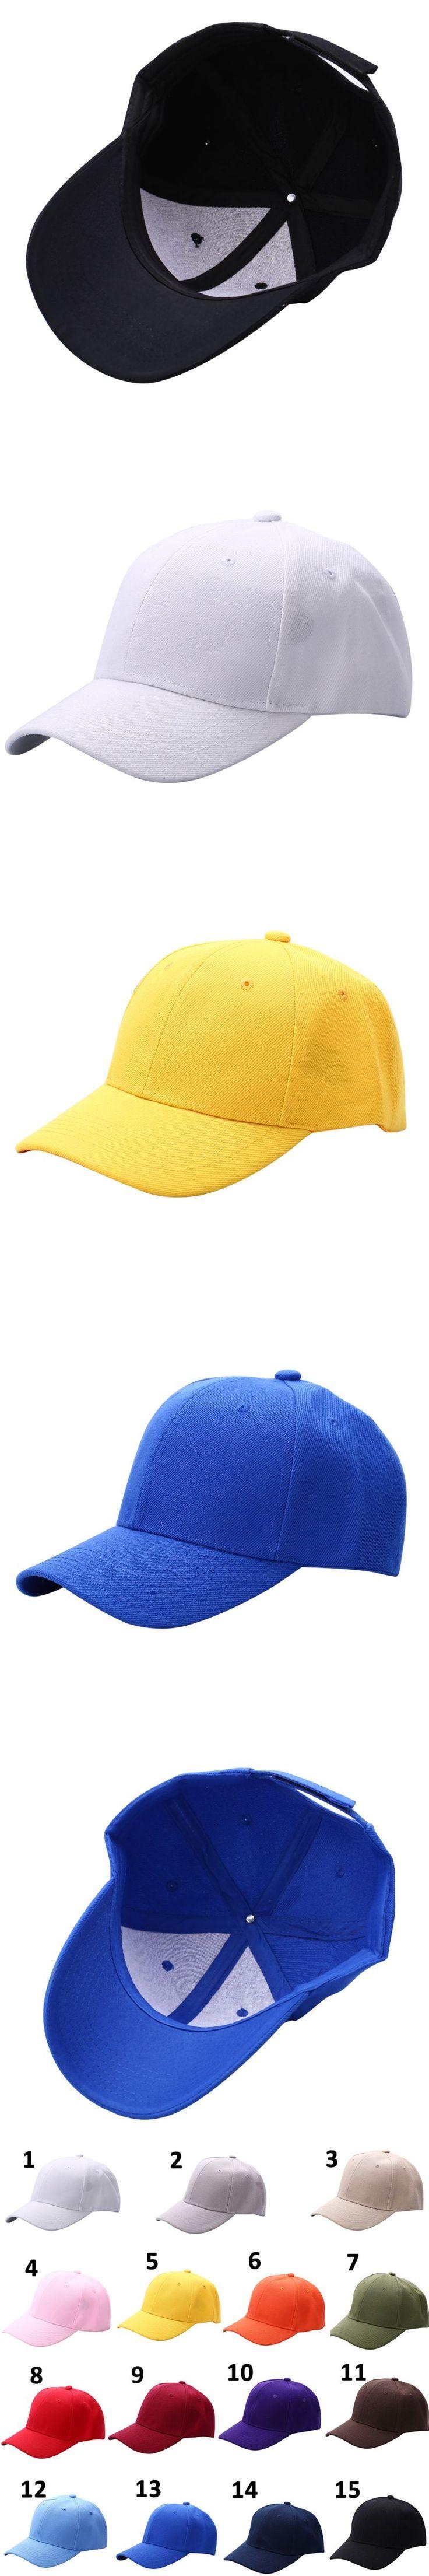 Men Women Plain Baseball Cap Unisex Curved Visor Hat Hip-Hop Adjustable Peaked Hat Visor Caps Solid Color P1